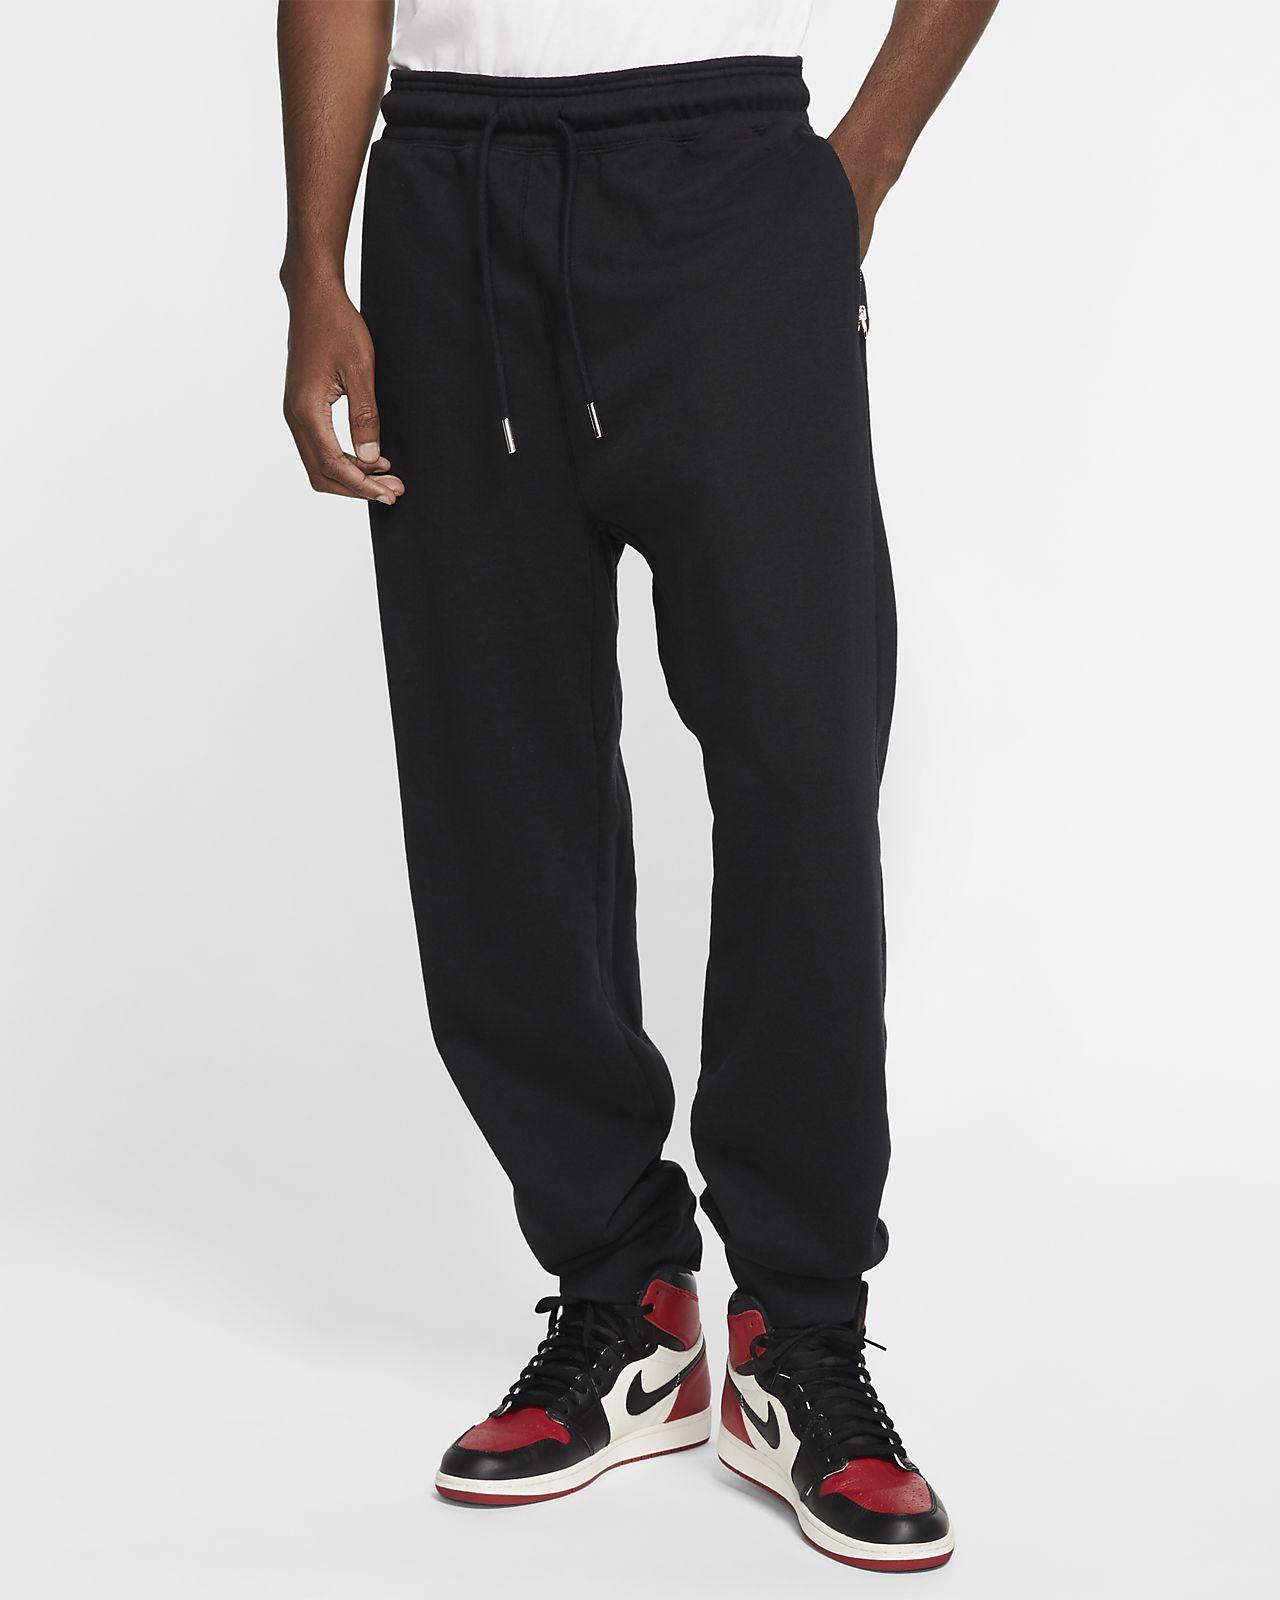 Spodnie z dzianiny Jordan Black Cat